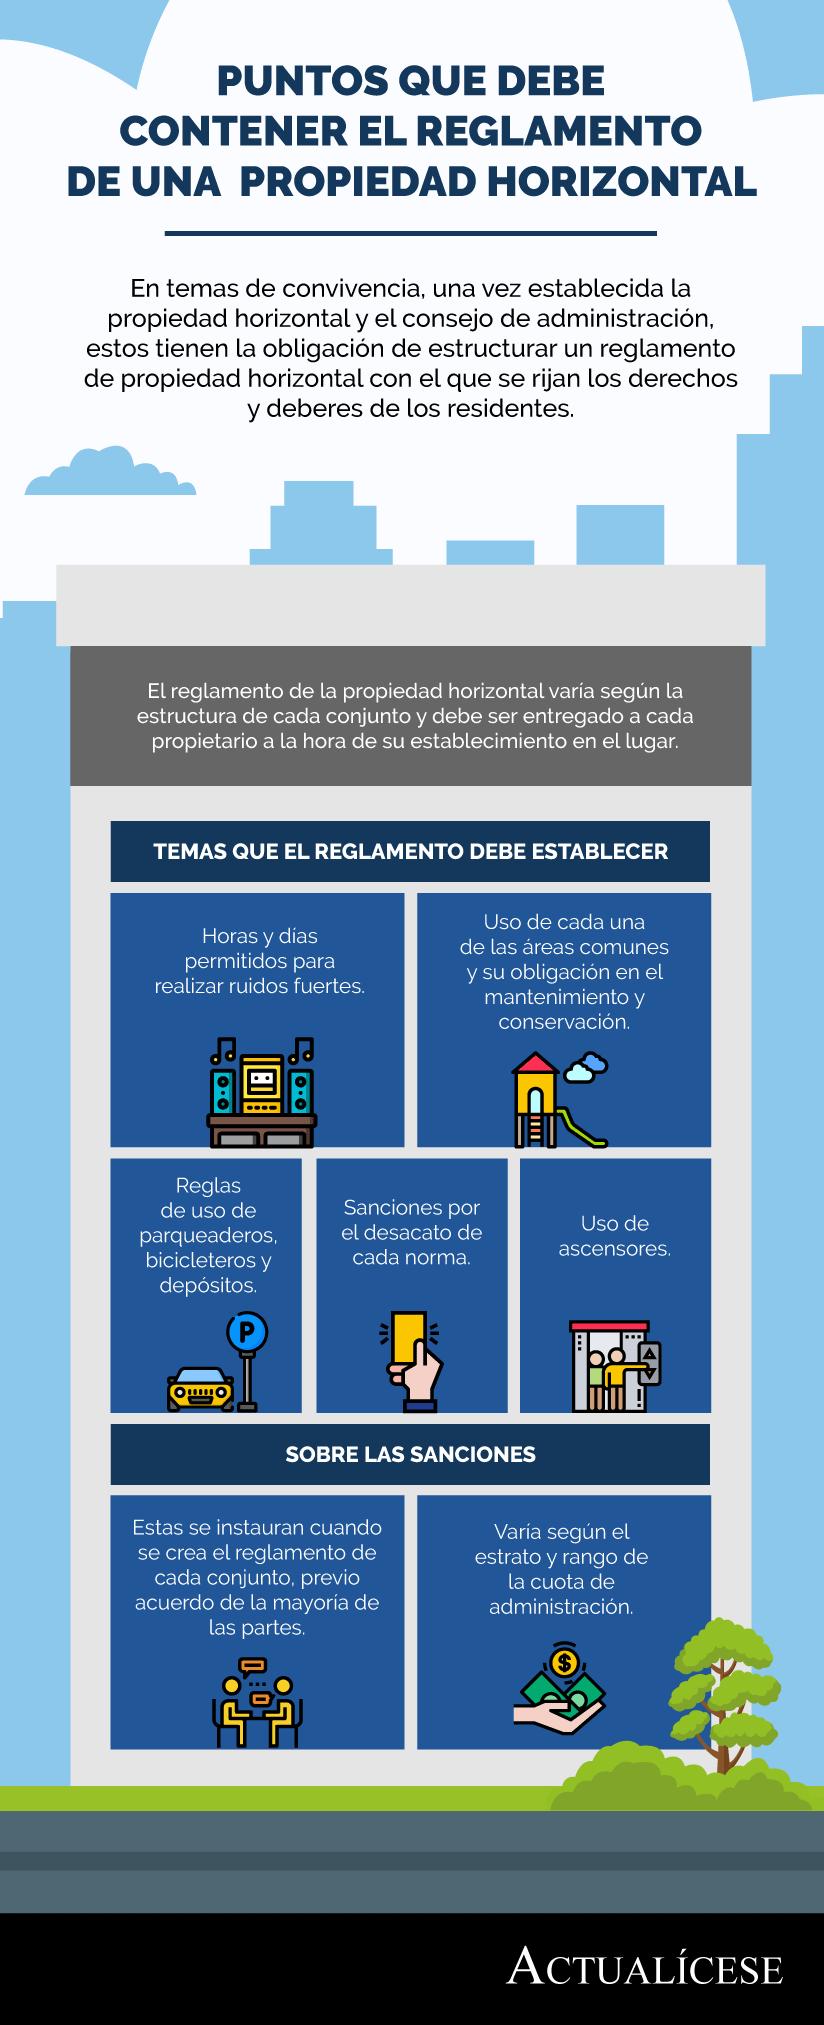 [Infografía] Puntos que debe contener el reglamento de una propiedad horizontal